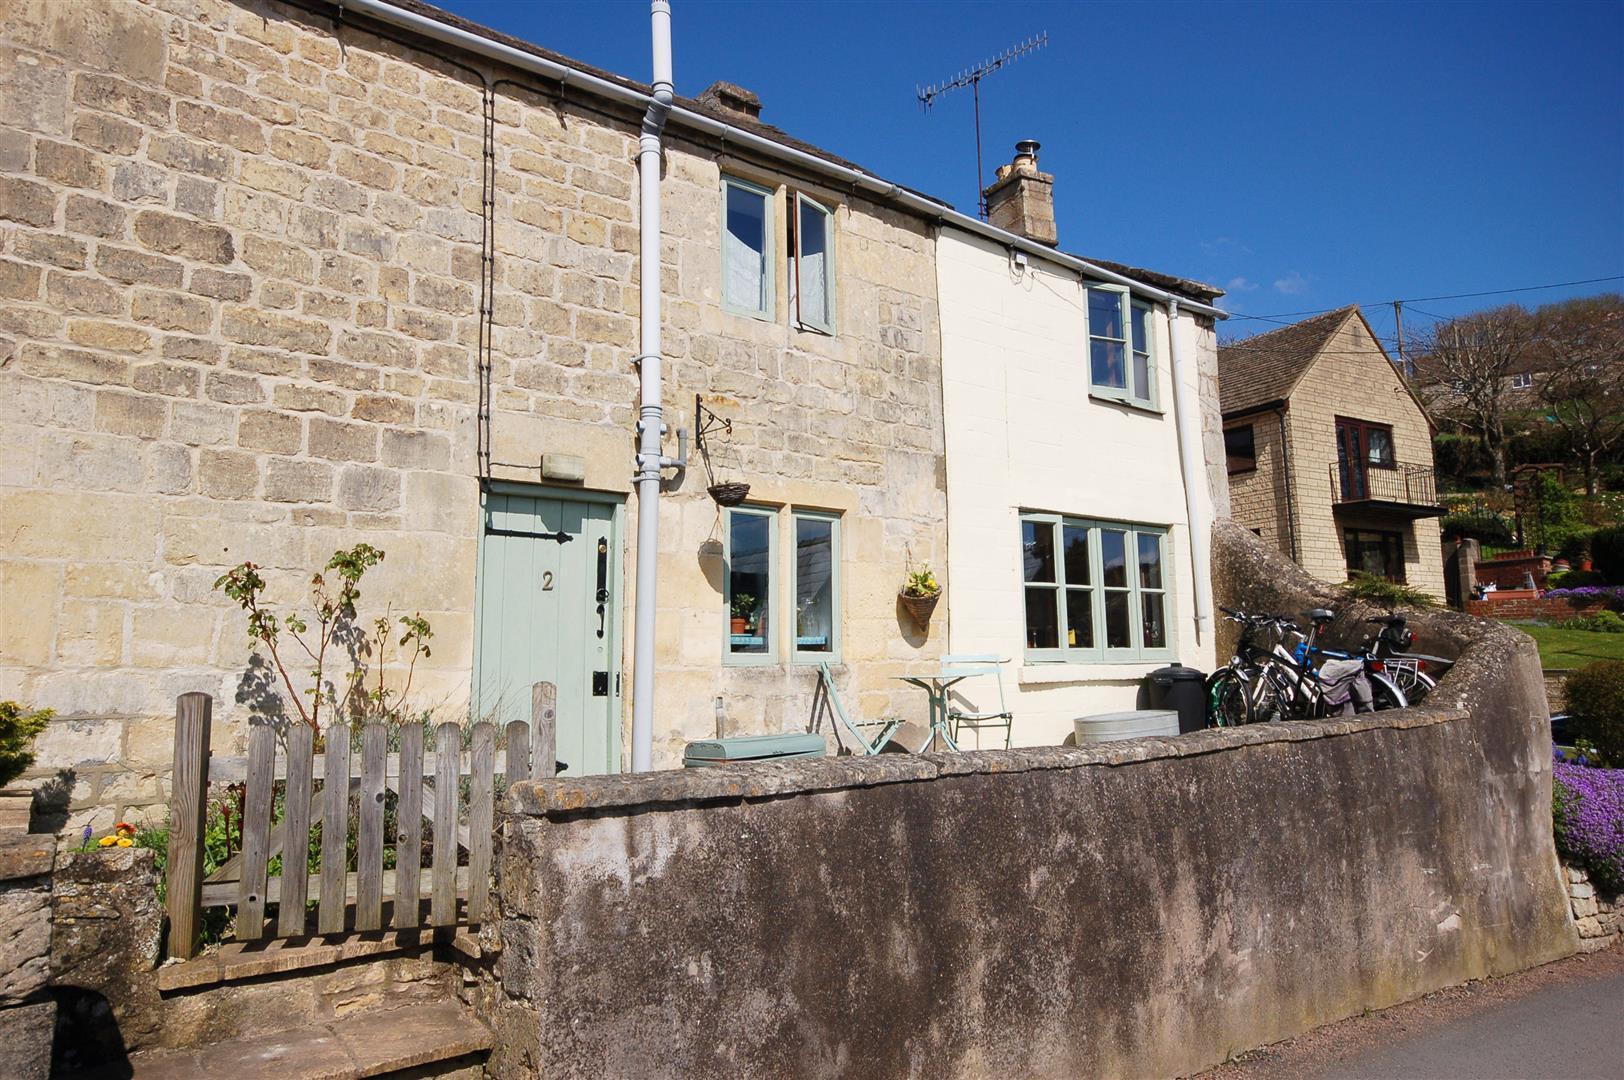 3 bedroom semi detached cottage for sale